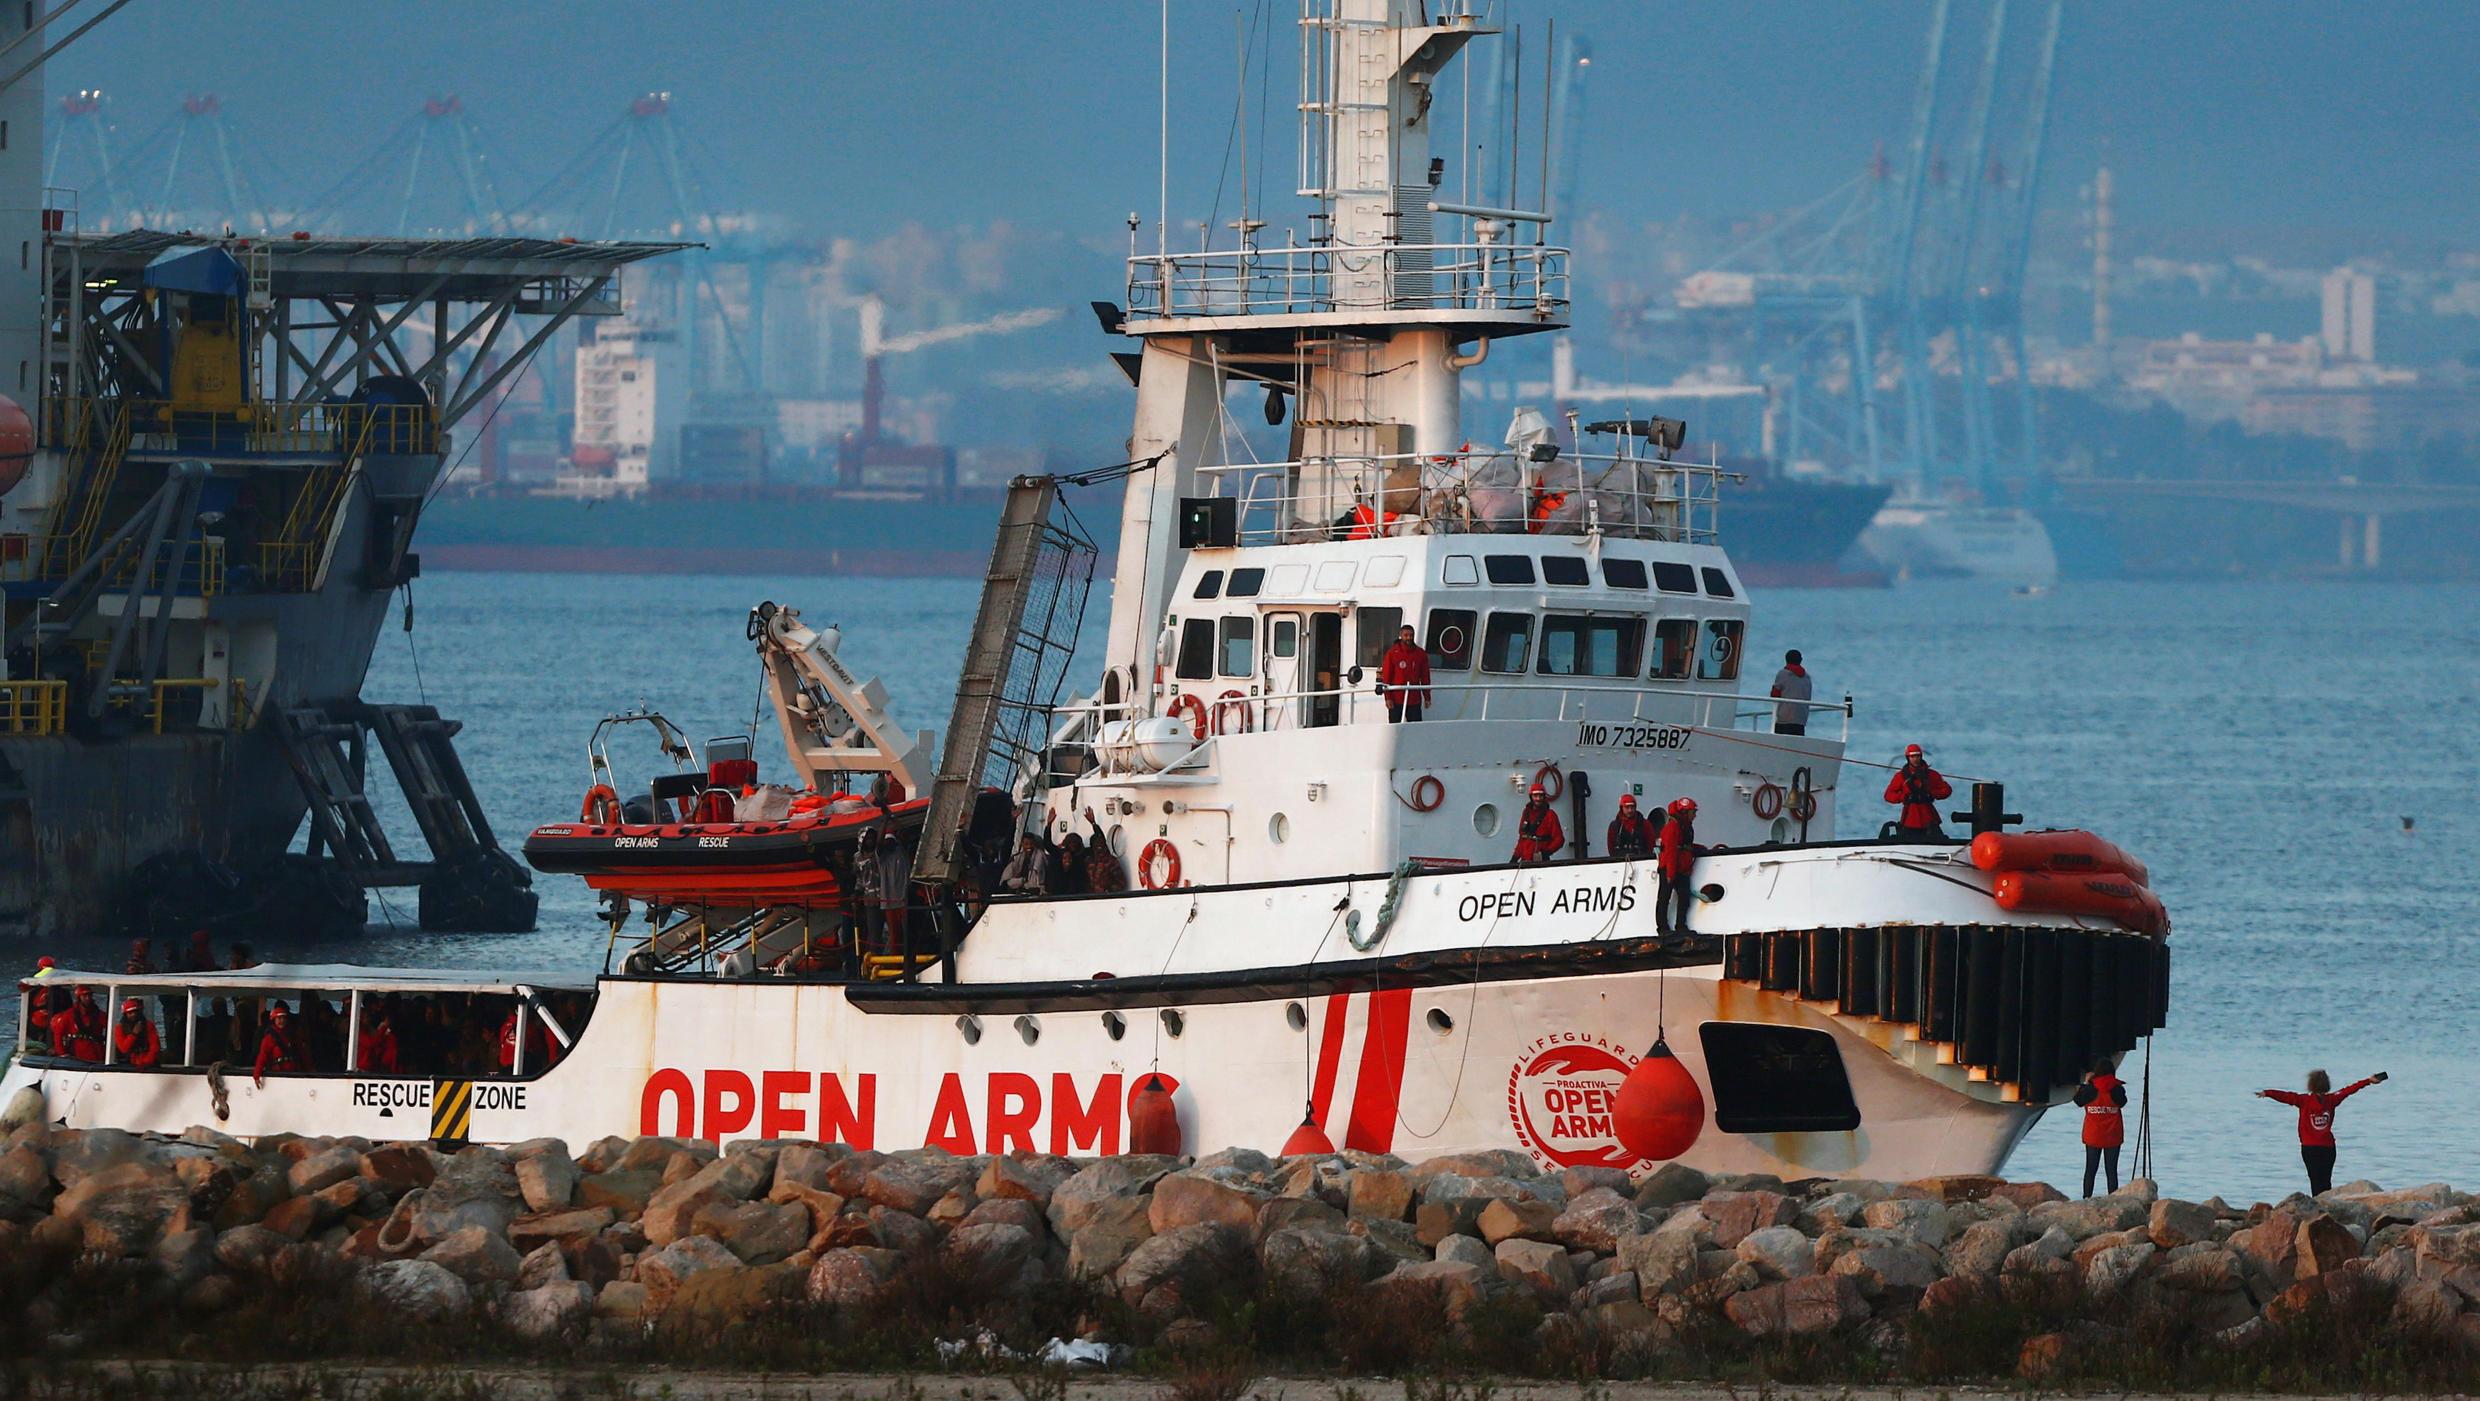 Судно Open Arms прибыли в Испанию с 300 спасенными мигрантами на борту, 28 декабря 2018 г.